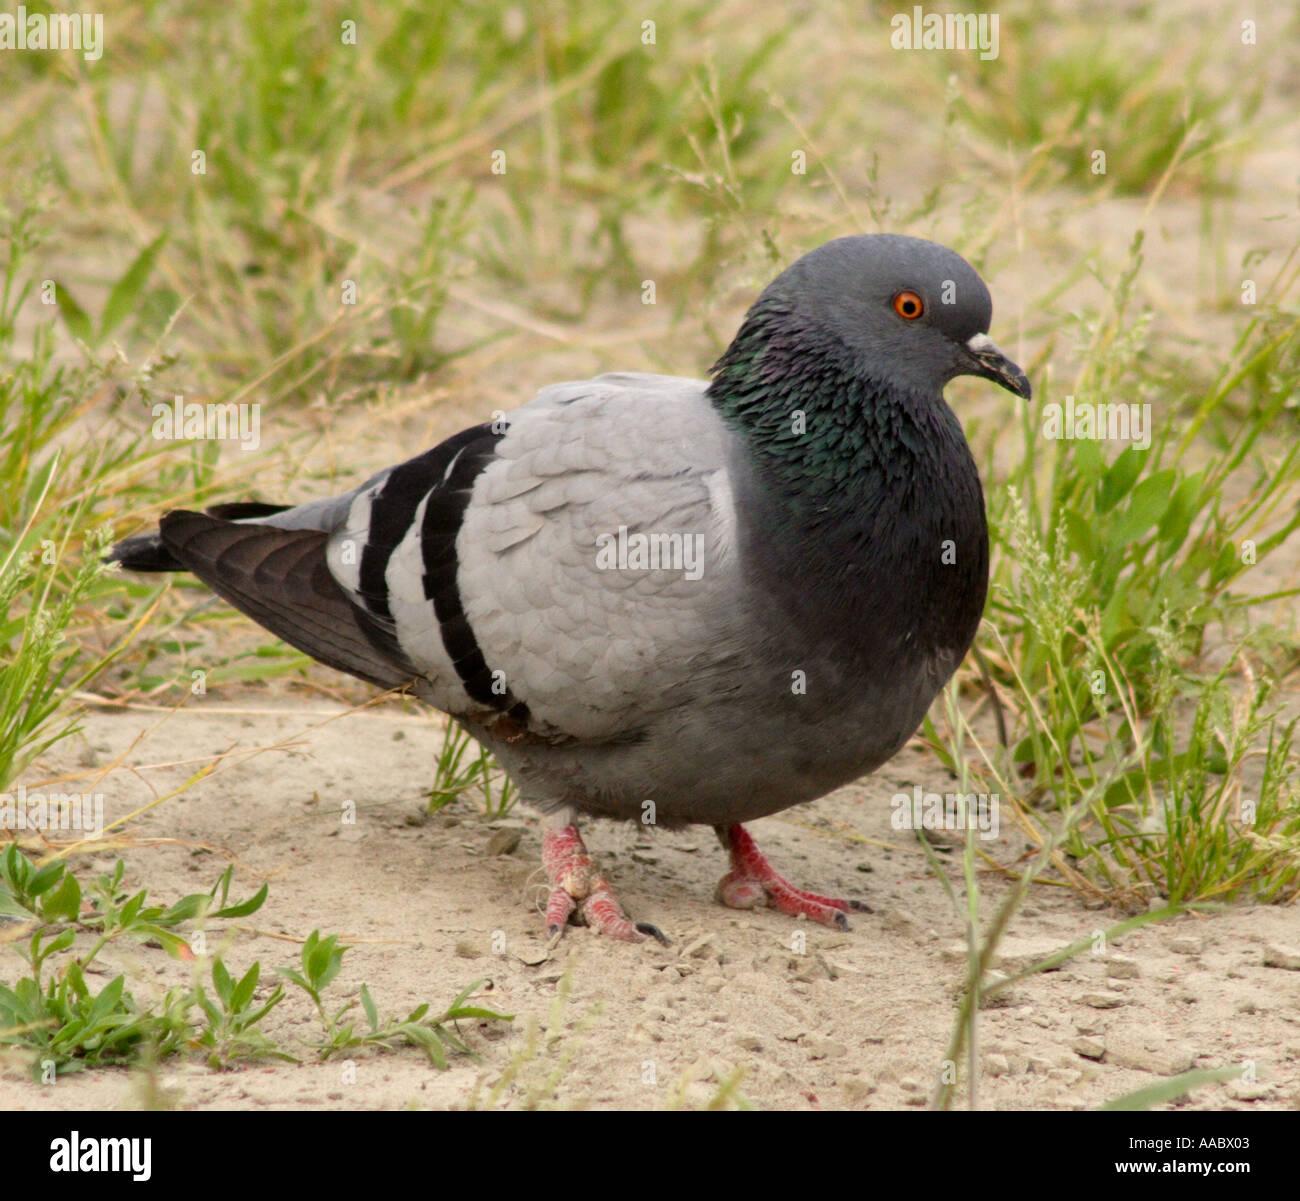 [Image: pidgeon-AABX03.jpg]